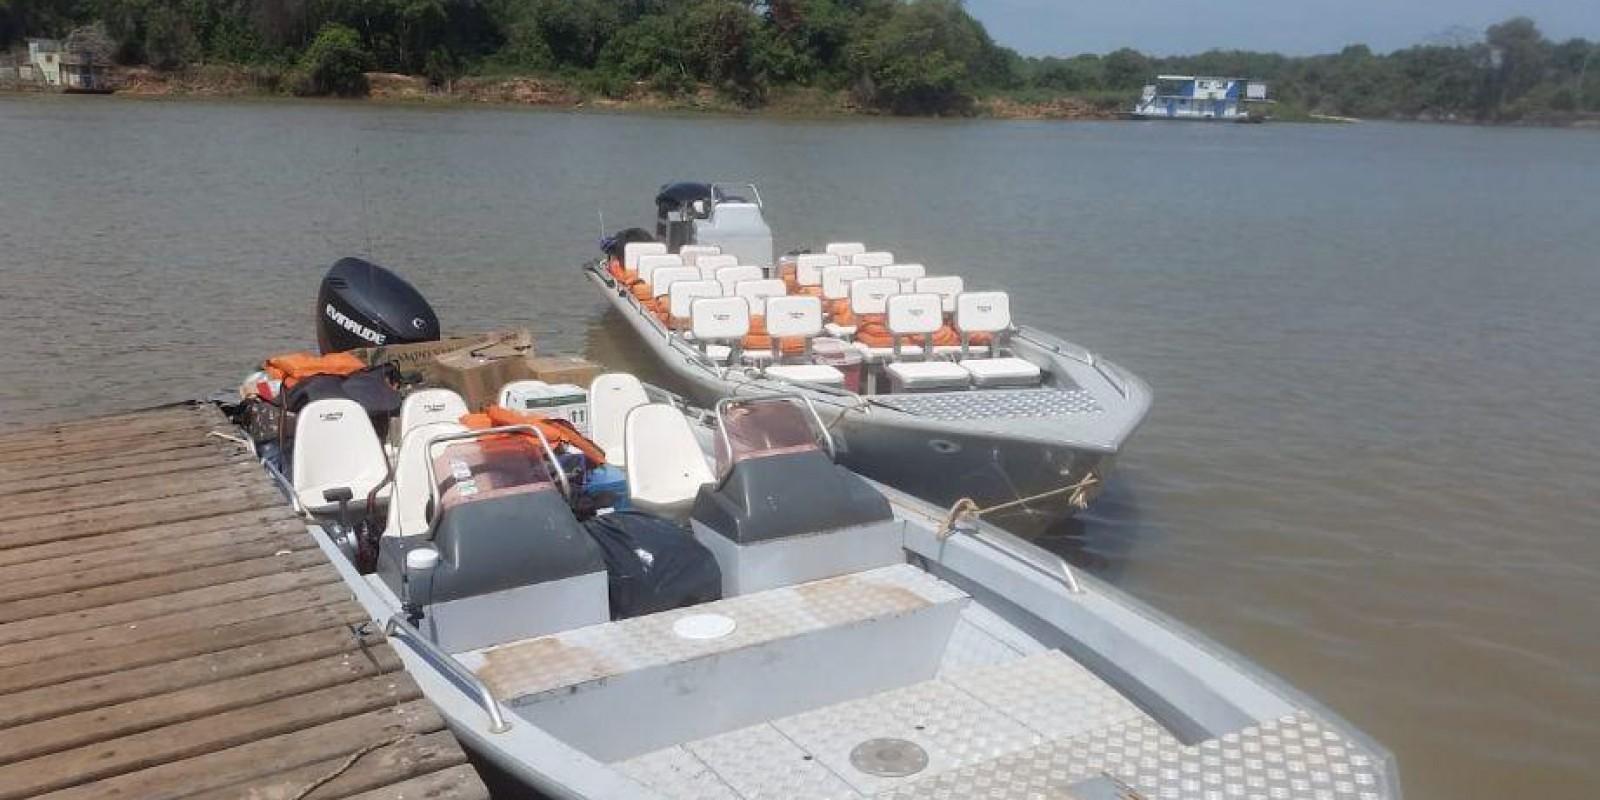 Pousada Águas do Pantanal - Foto 1 de 17